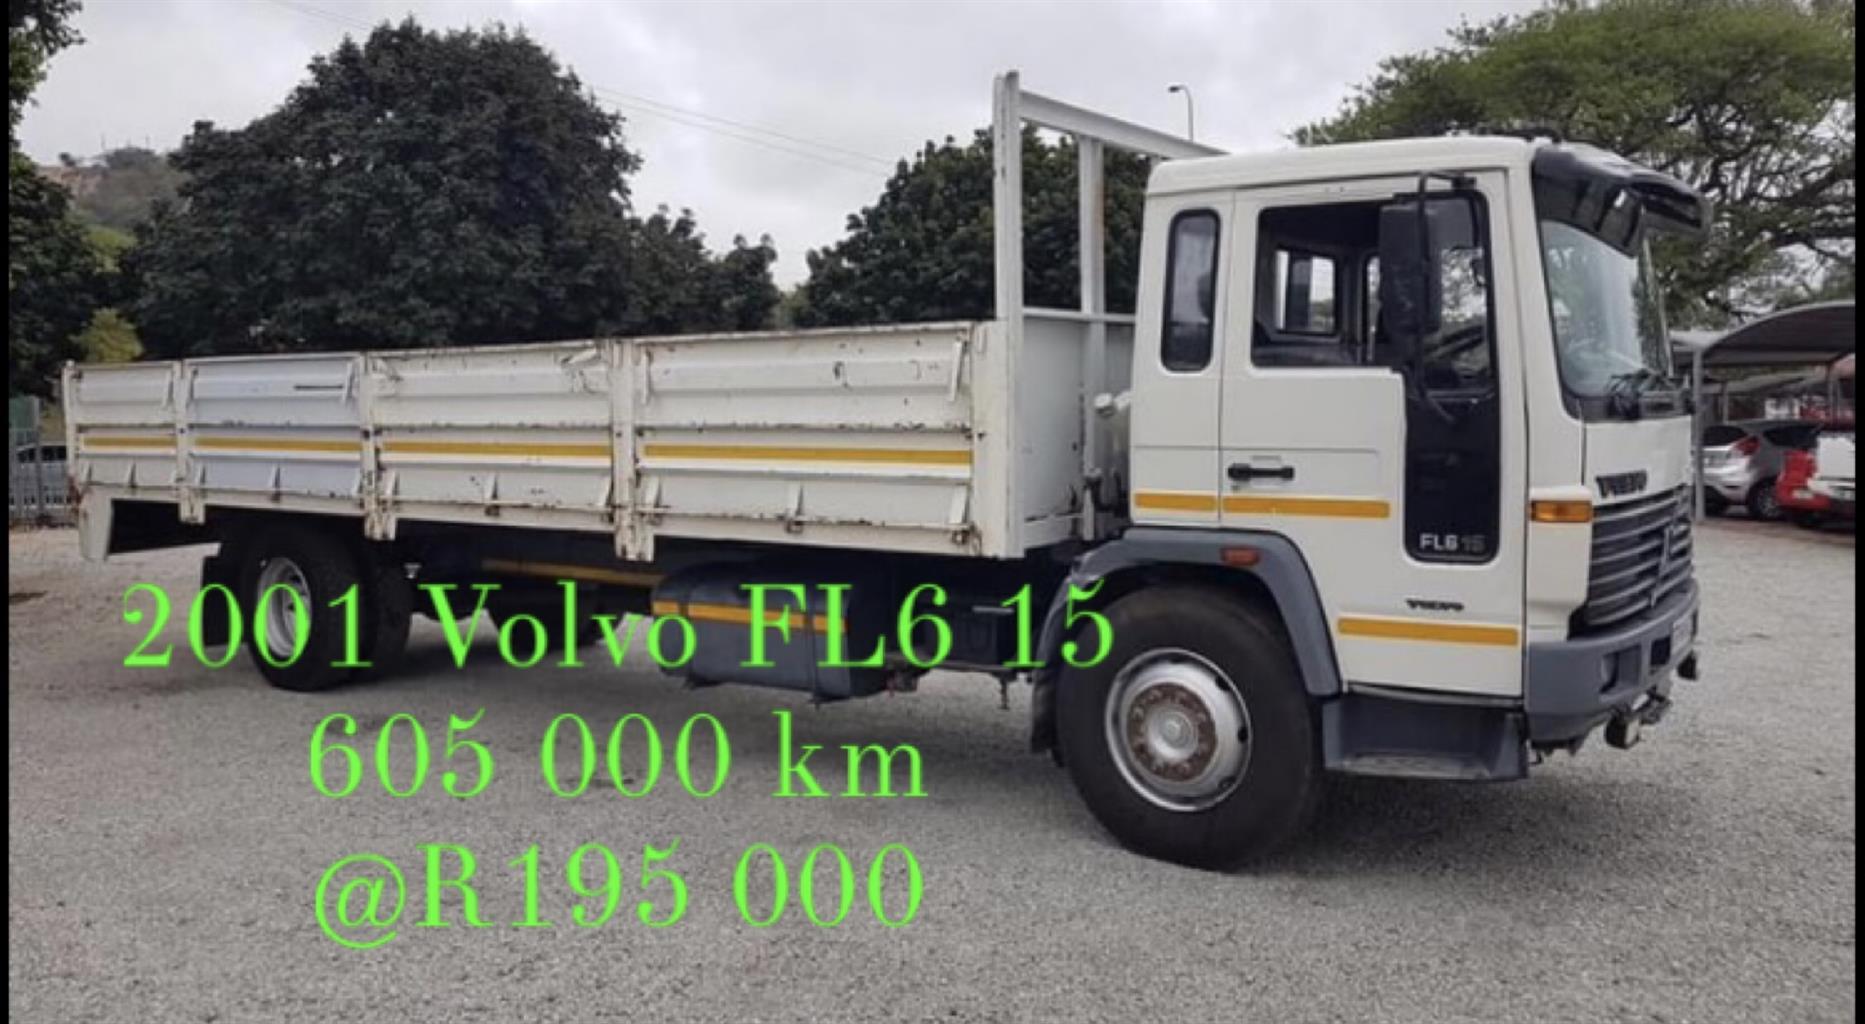 2001 Volvo FL6 15